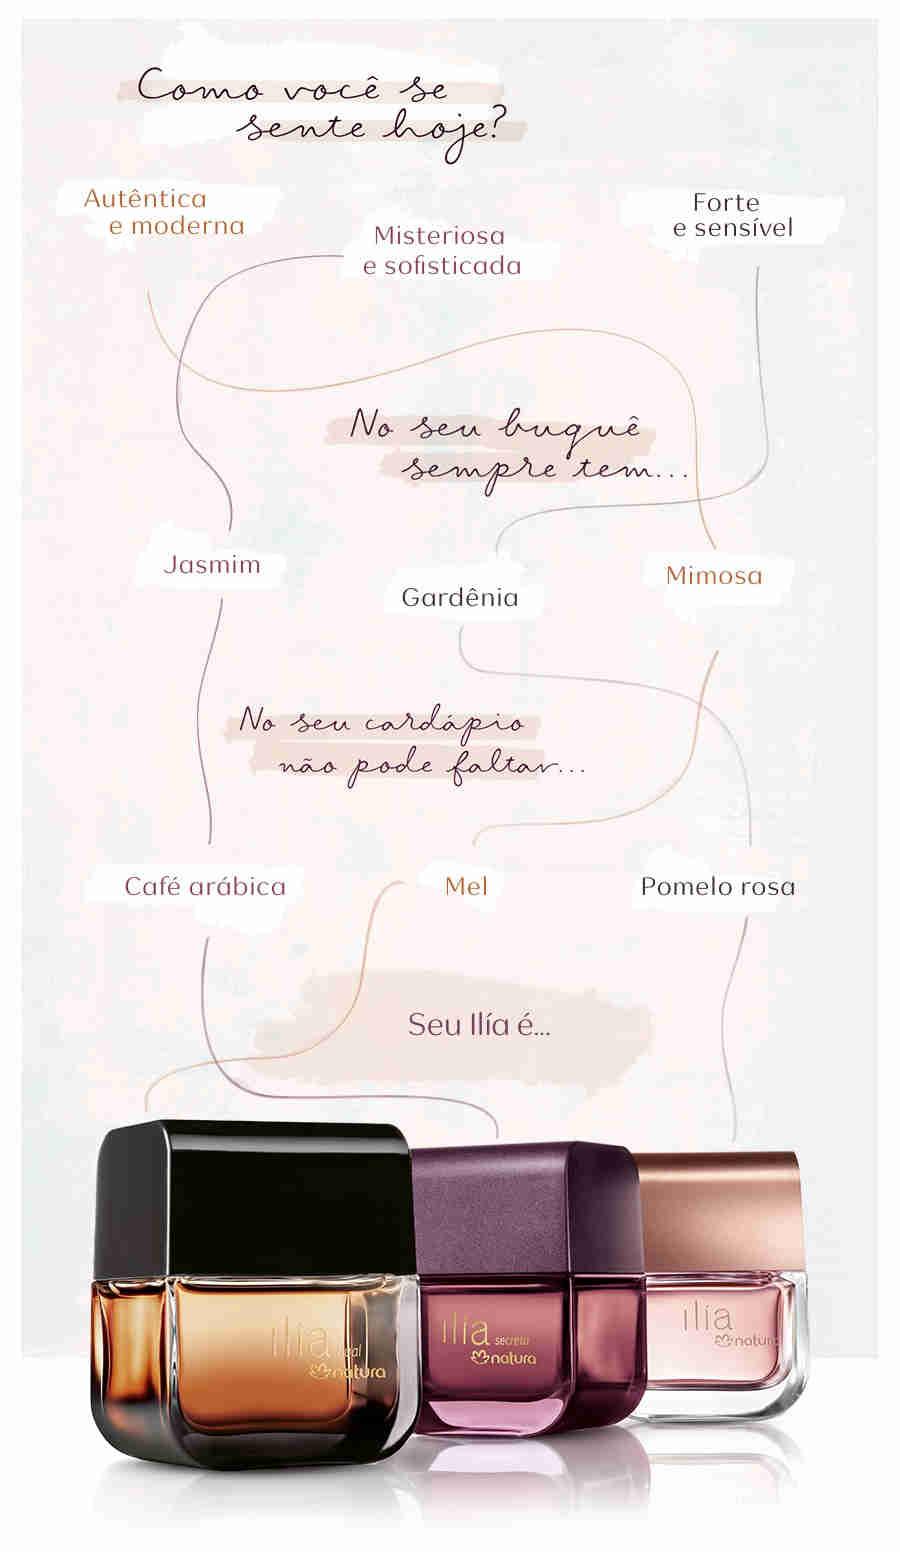 Natura - Baixou Tudo Família ilía: descubra a fragrância perfeita para sua ocasião especial Trilha